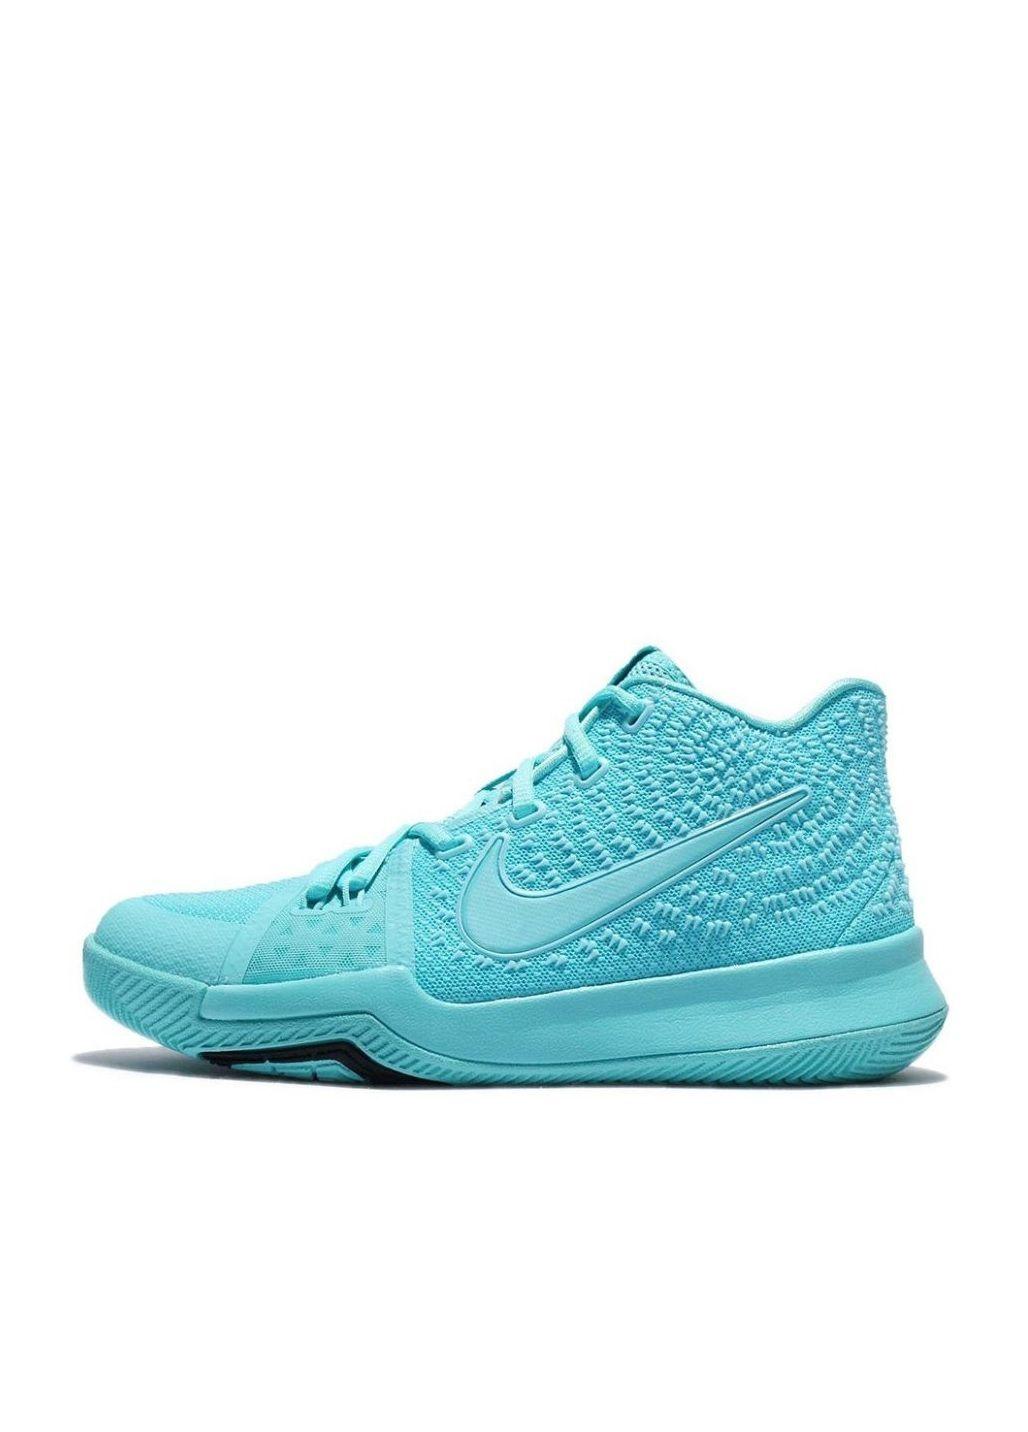 cc4740d55761 Nike Kyrie 3